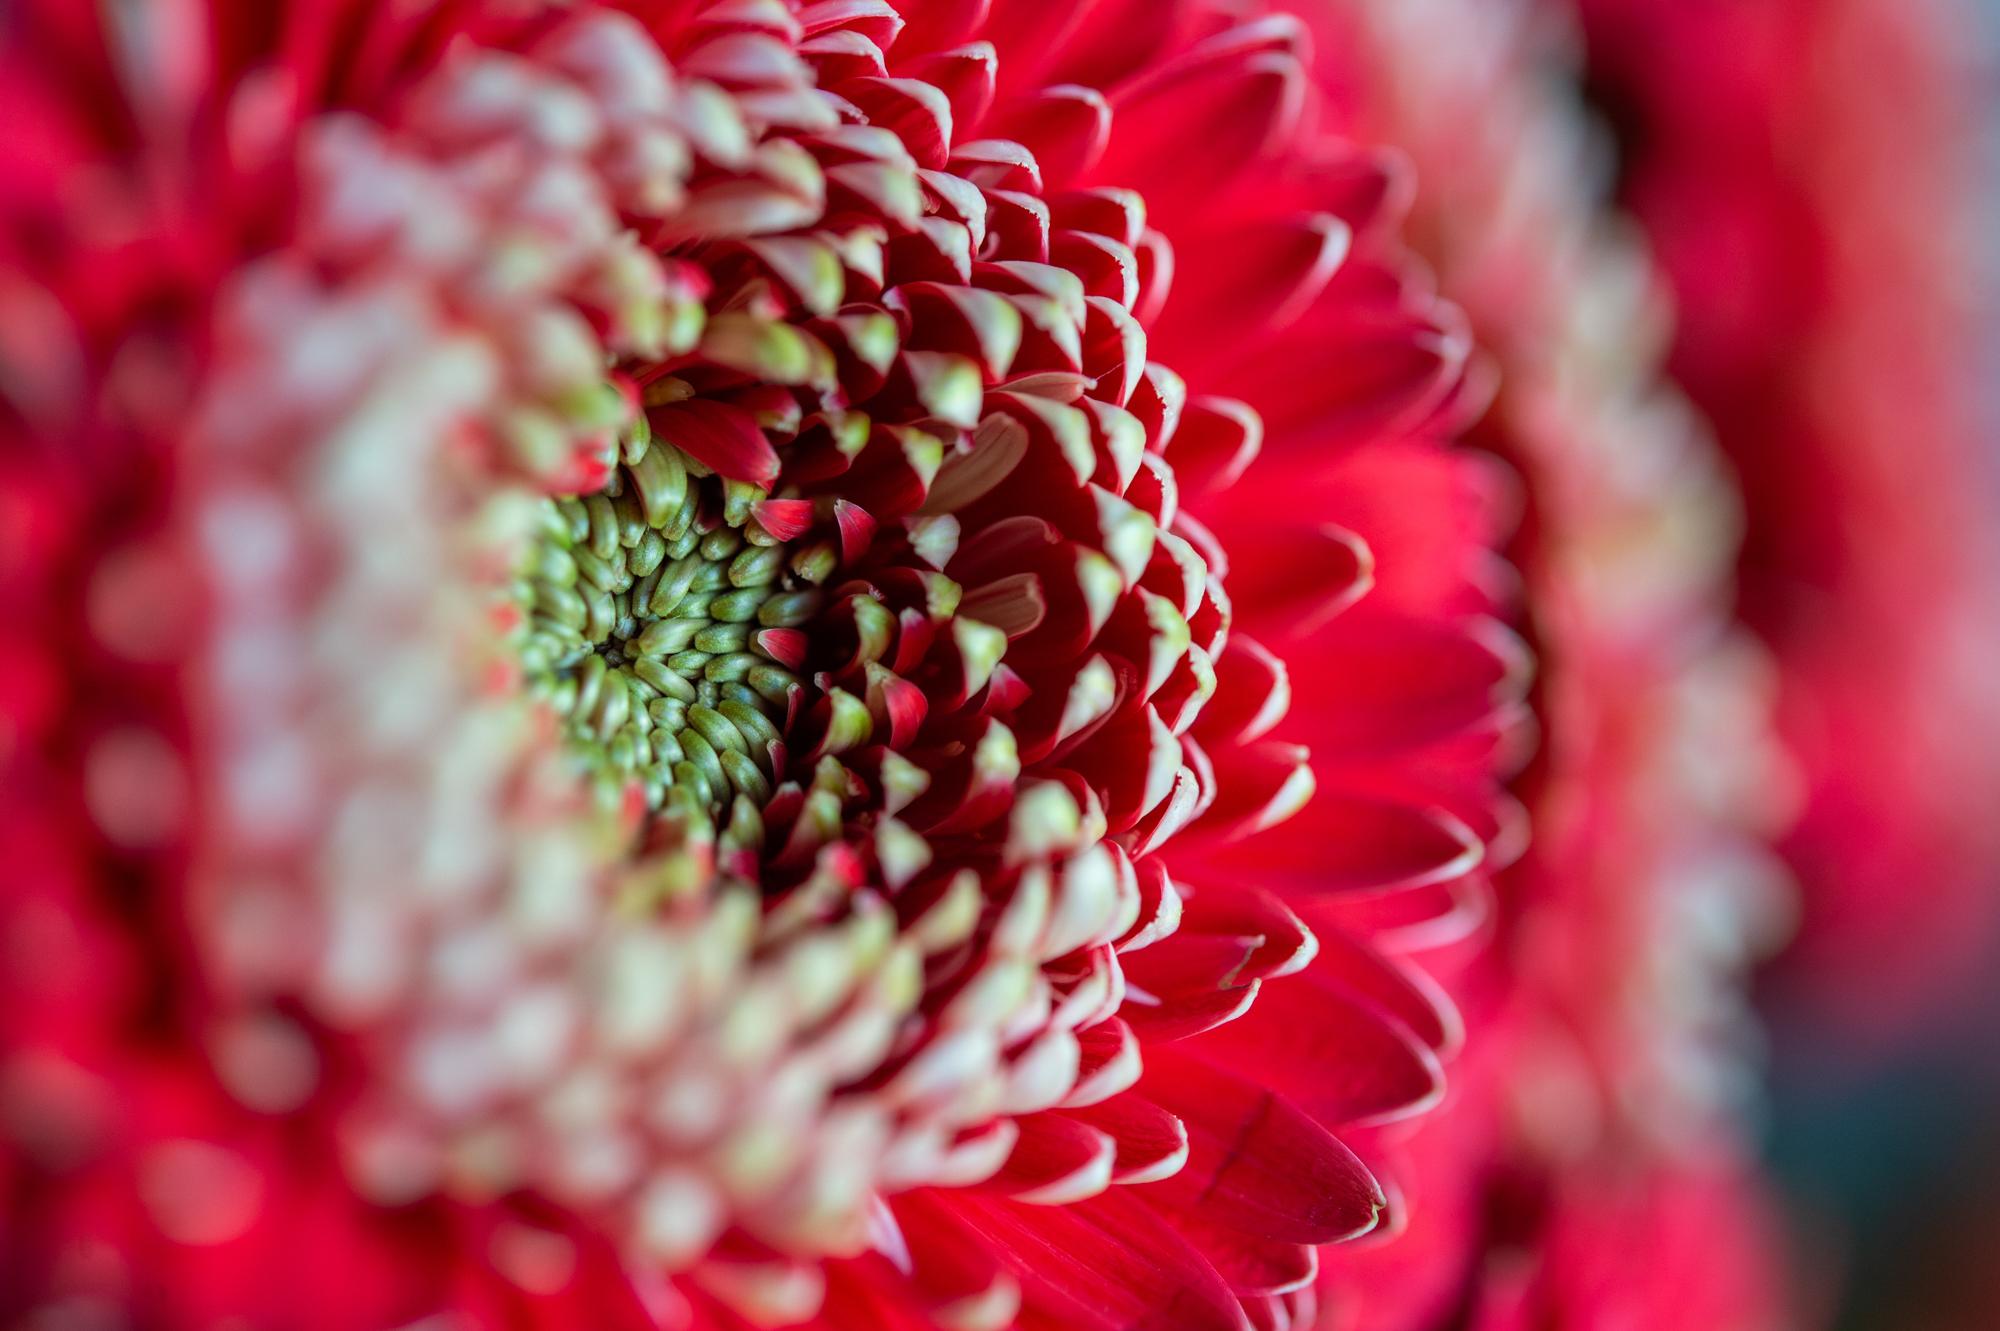 012_flowerpedia_149_flowerpedia1__SP45113.jpg